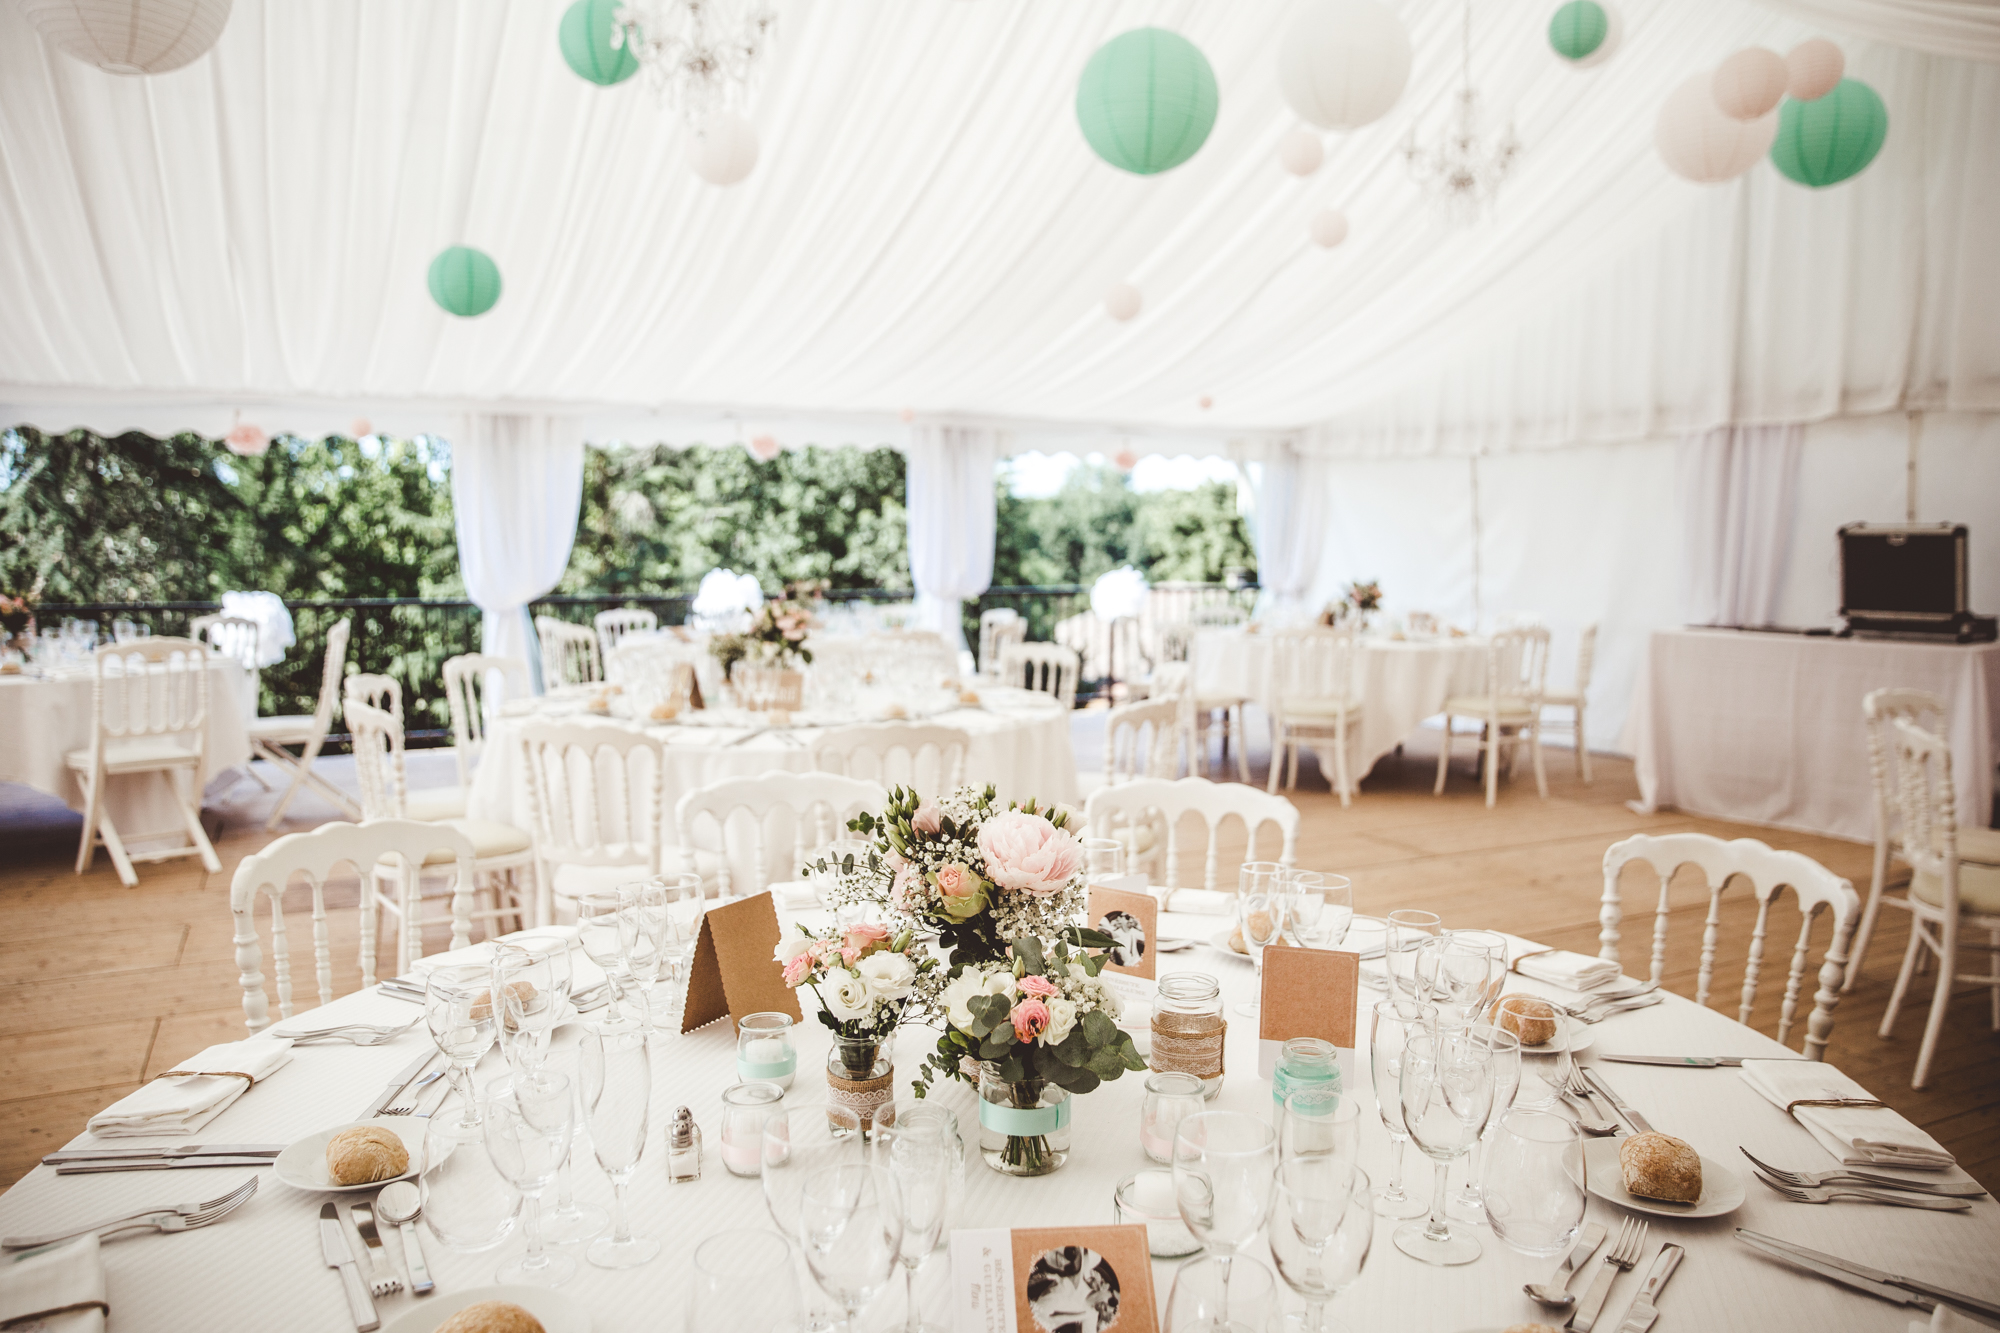 reportage mariage photo chateau launac toulouse decoration details table fleurs salle